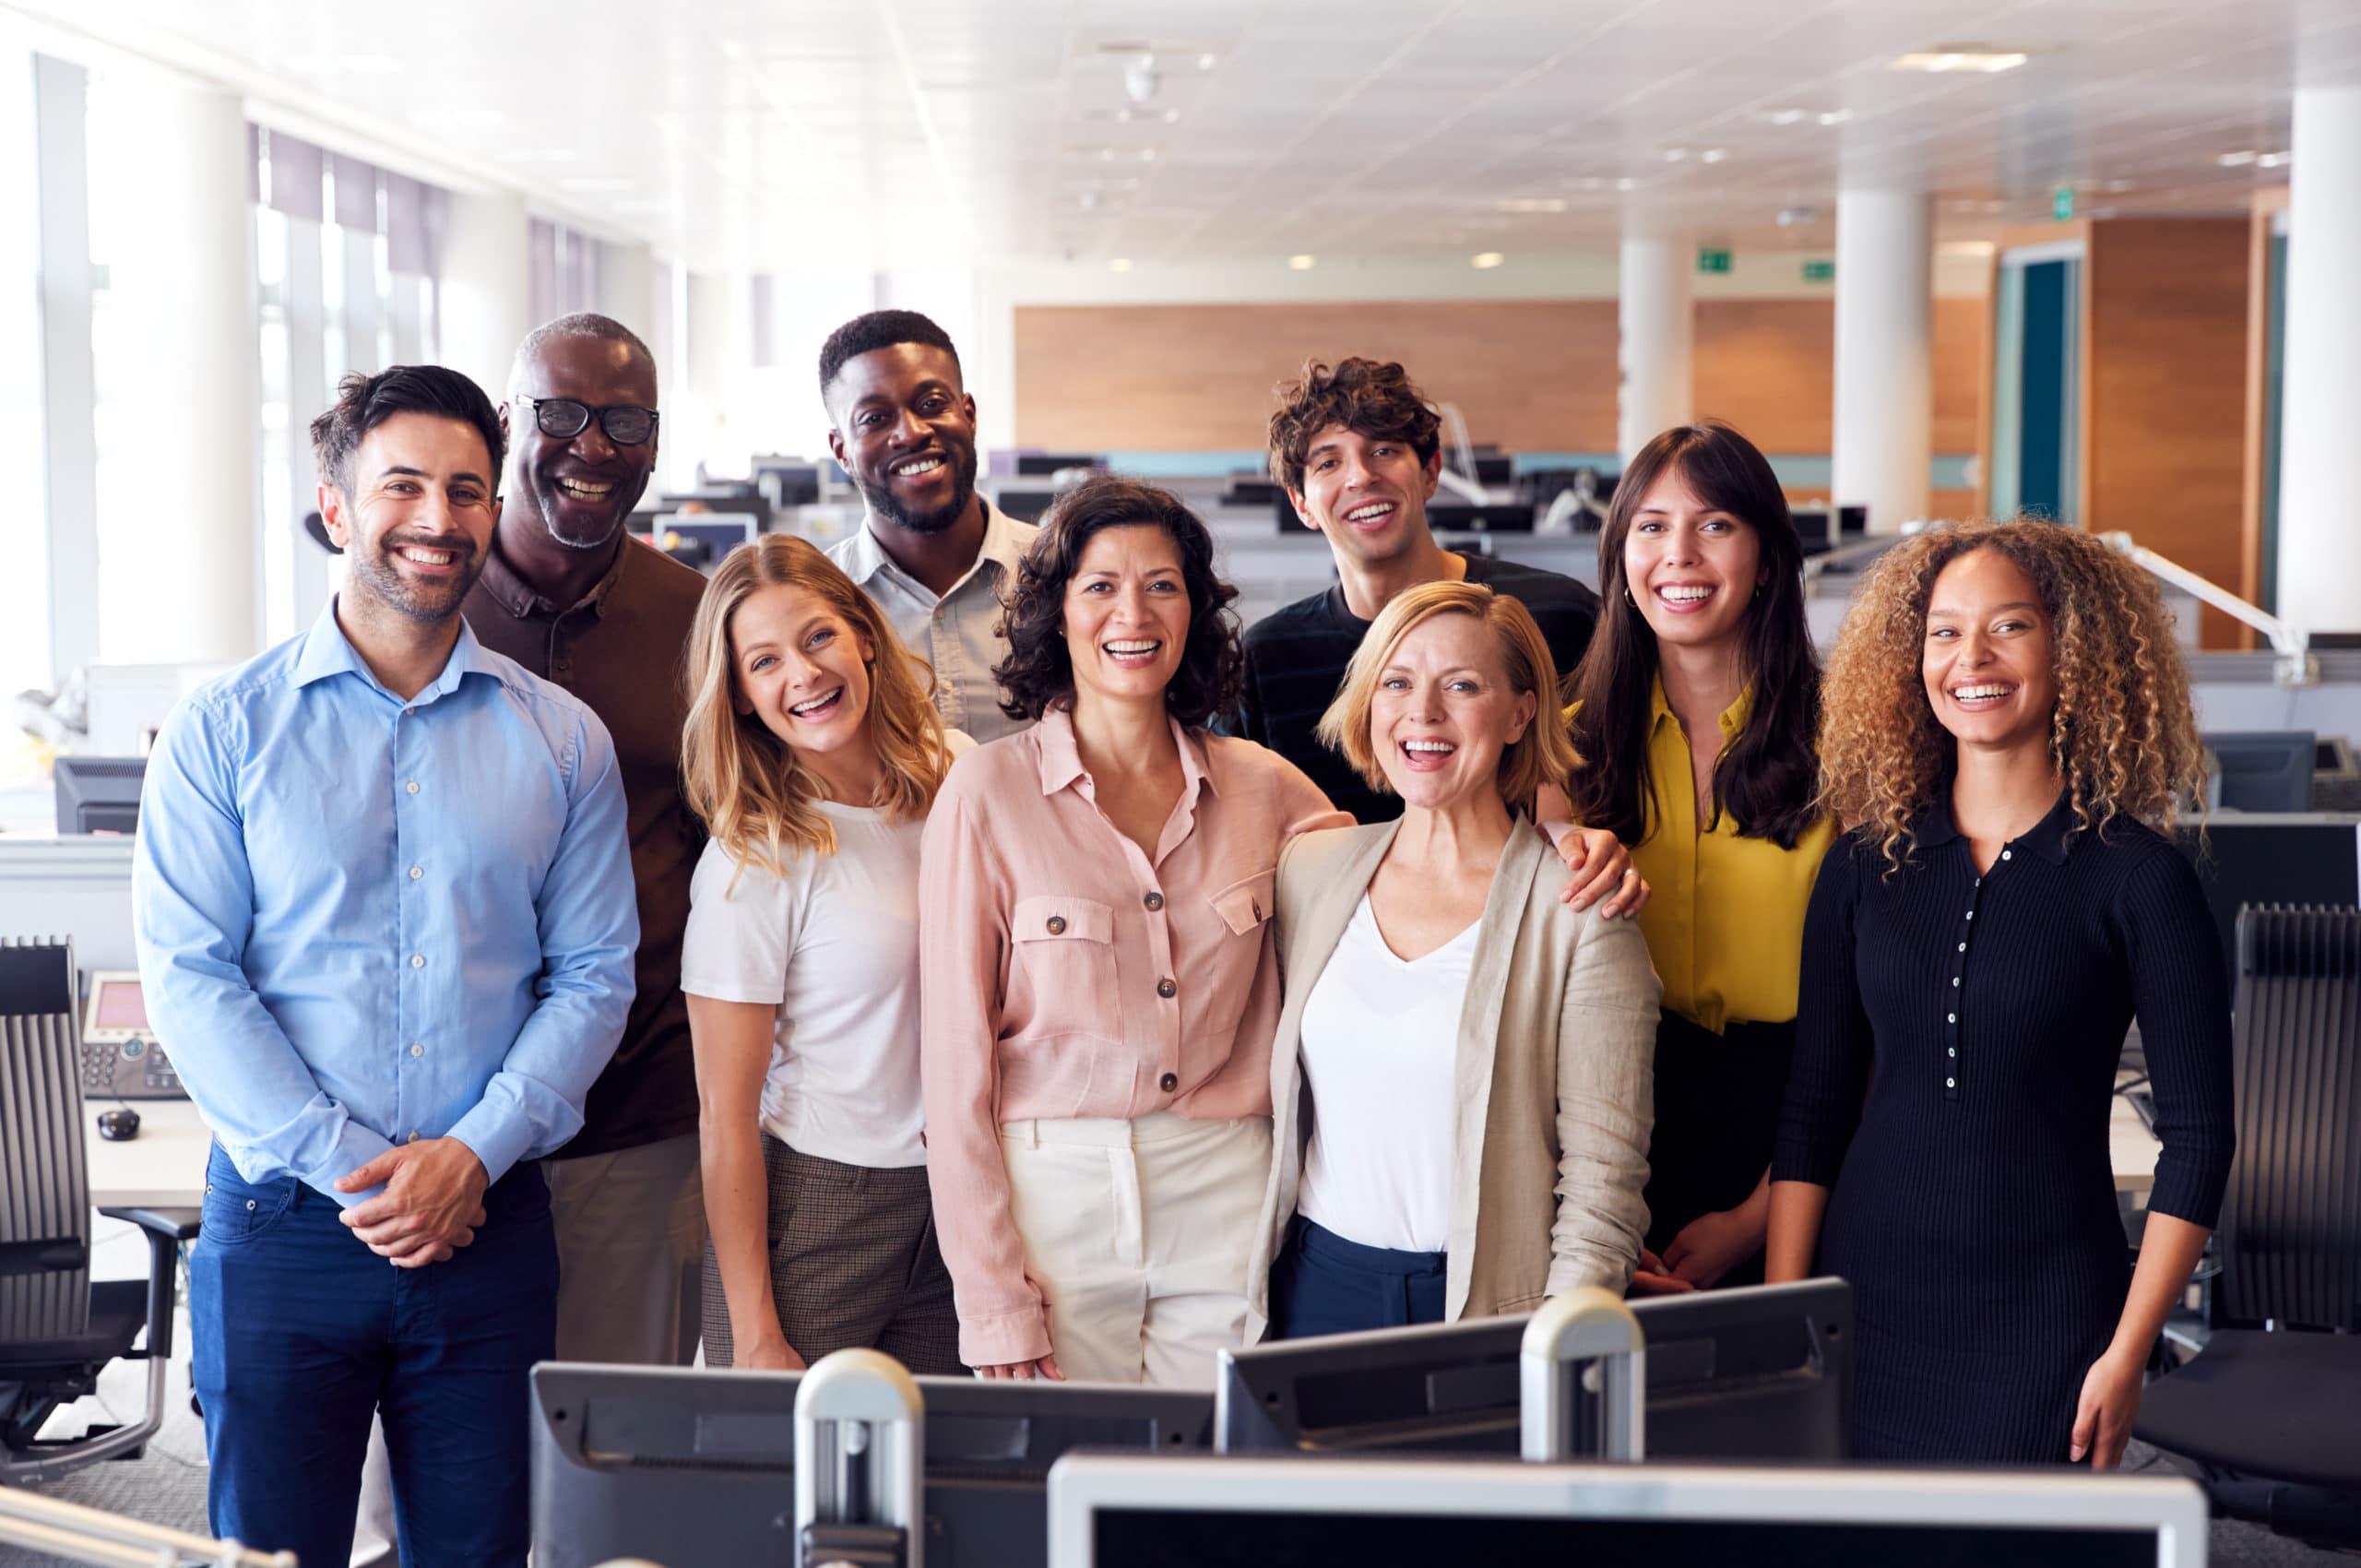 Arbetslag av olika kön och etnicitet står samlade i grupp framför kamera i kontorsmiljö